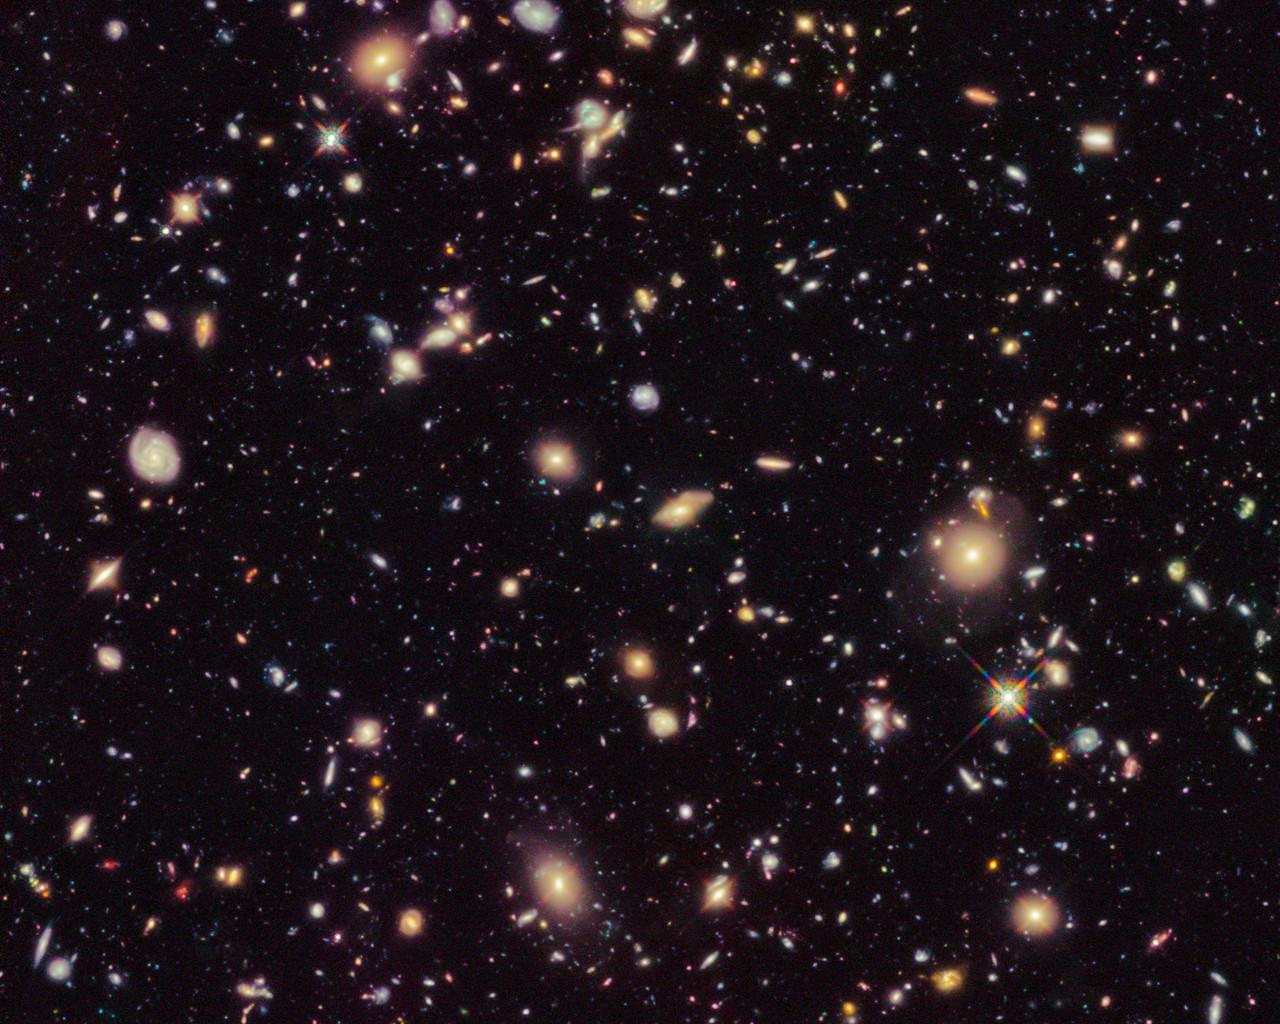 Астрономы изучили свойства самых далеких и старинных галактик